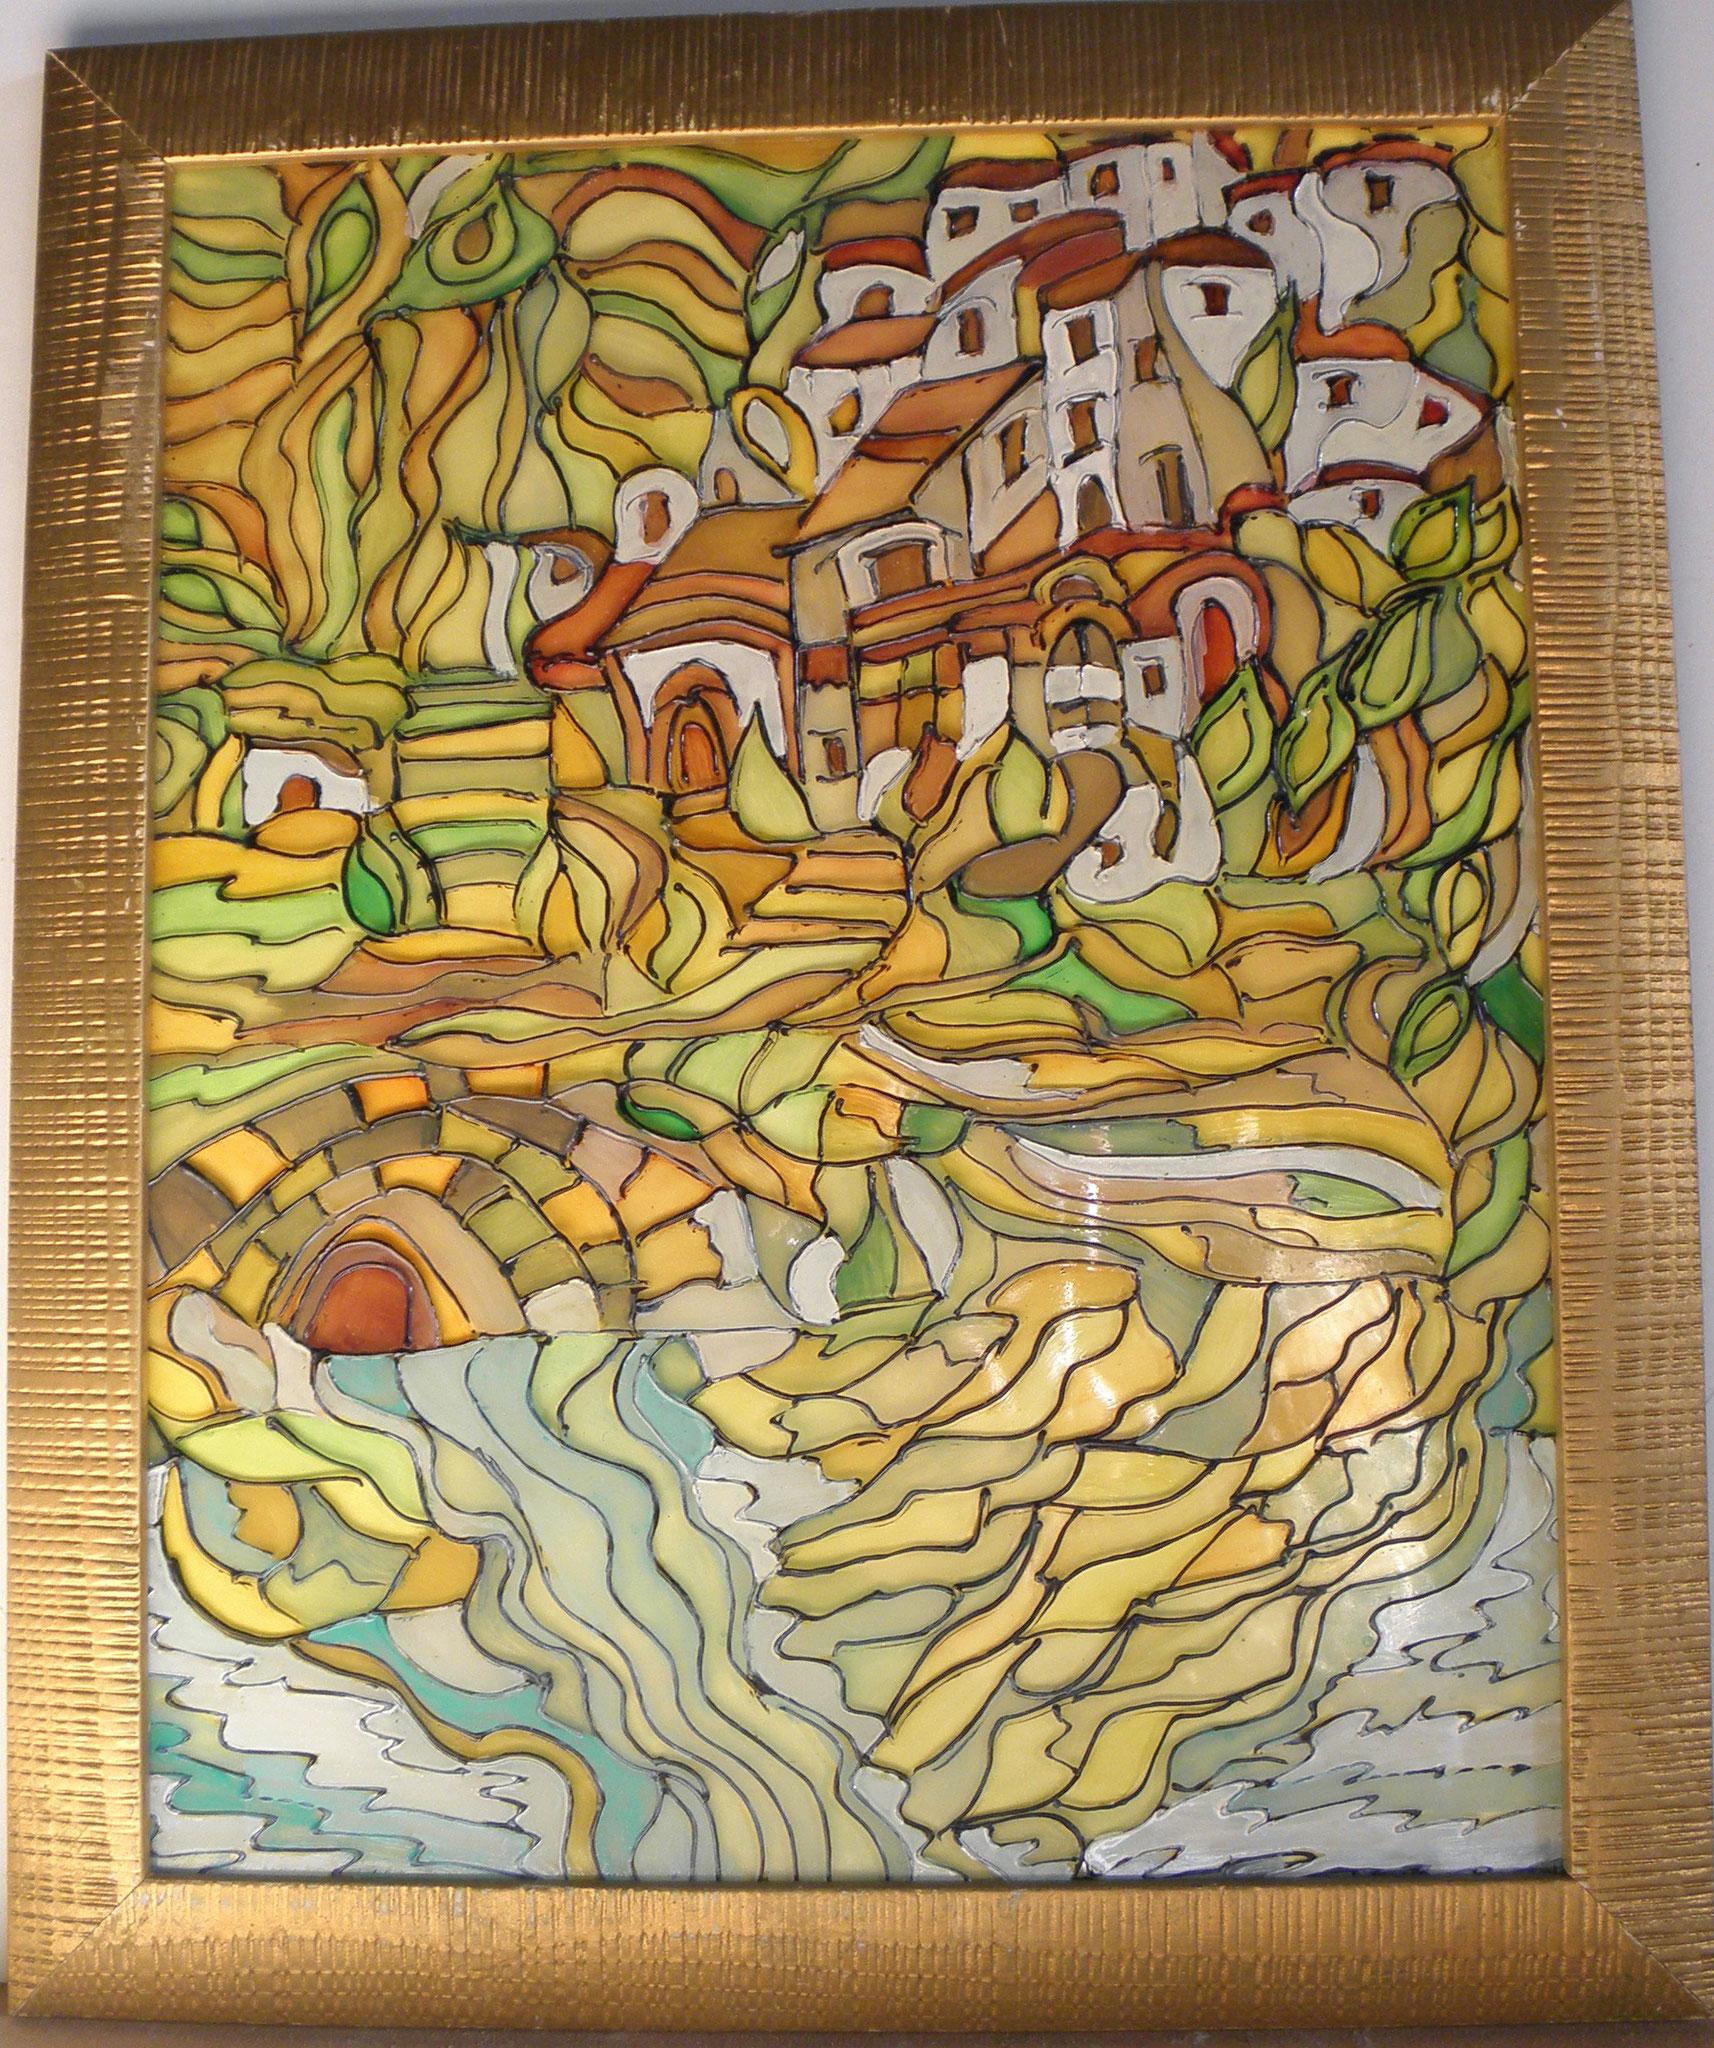 Opera n.13 - Pittura acrilico su vetro, cornice in legno - cm 40x33